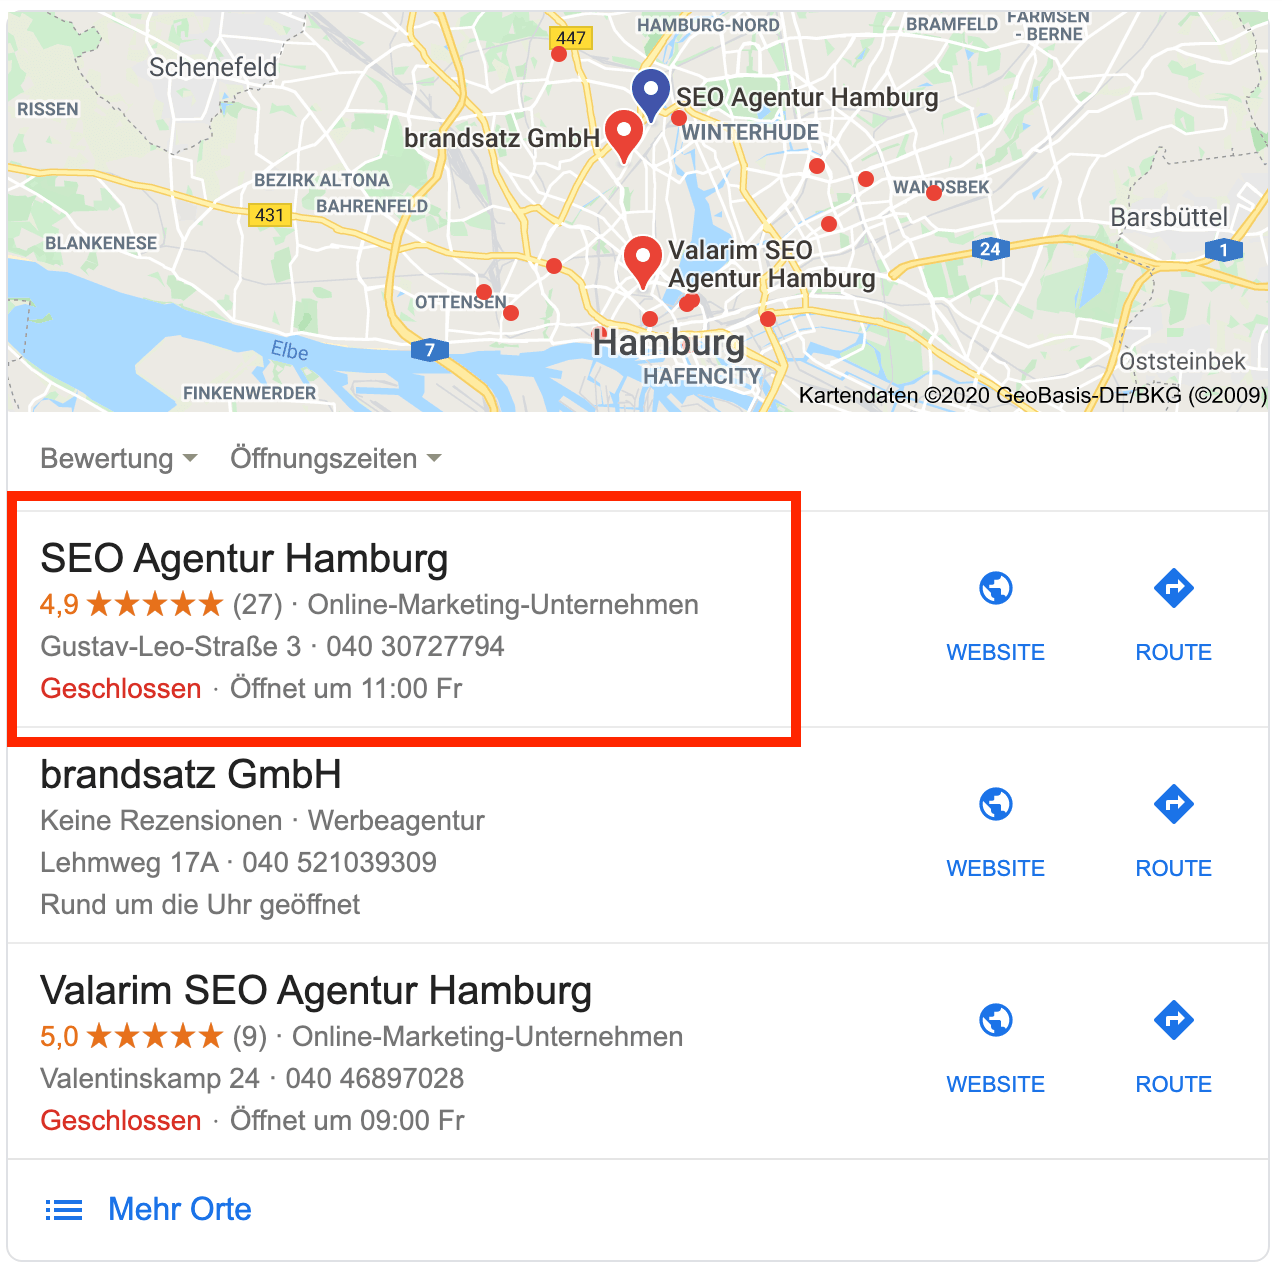 Lokales Suchergebnis für SEO Agentur Hamburg